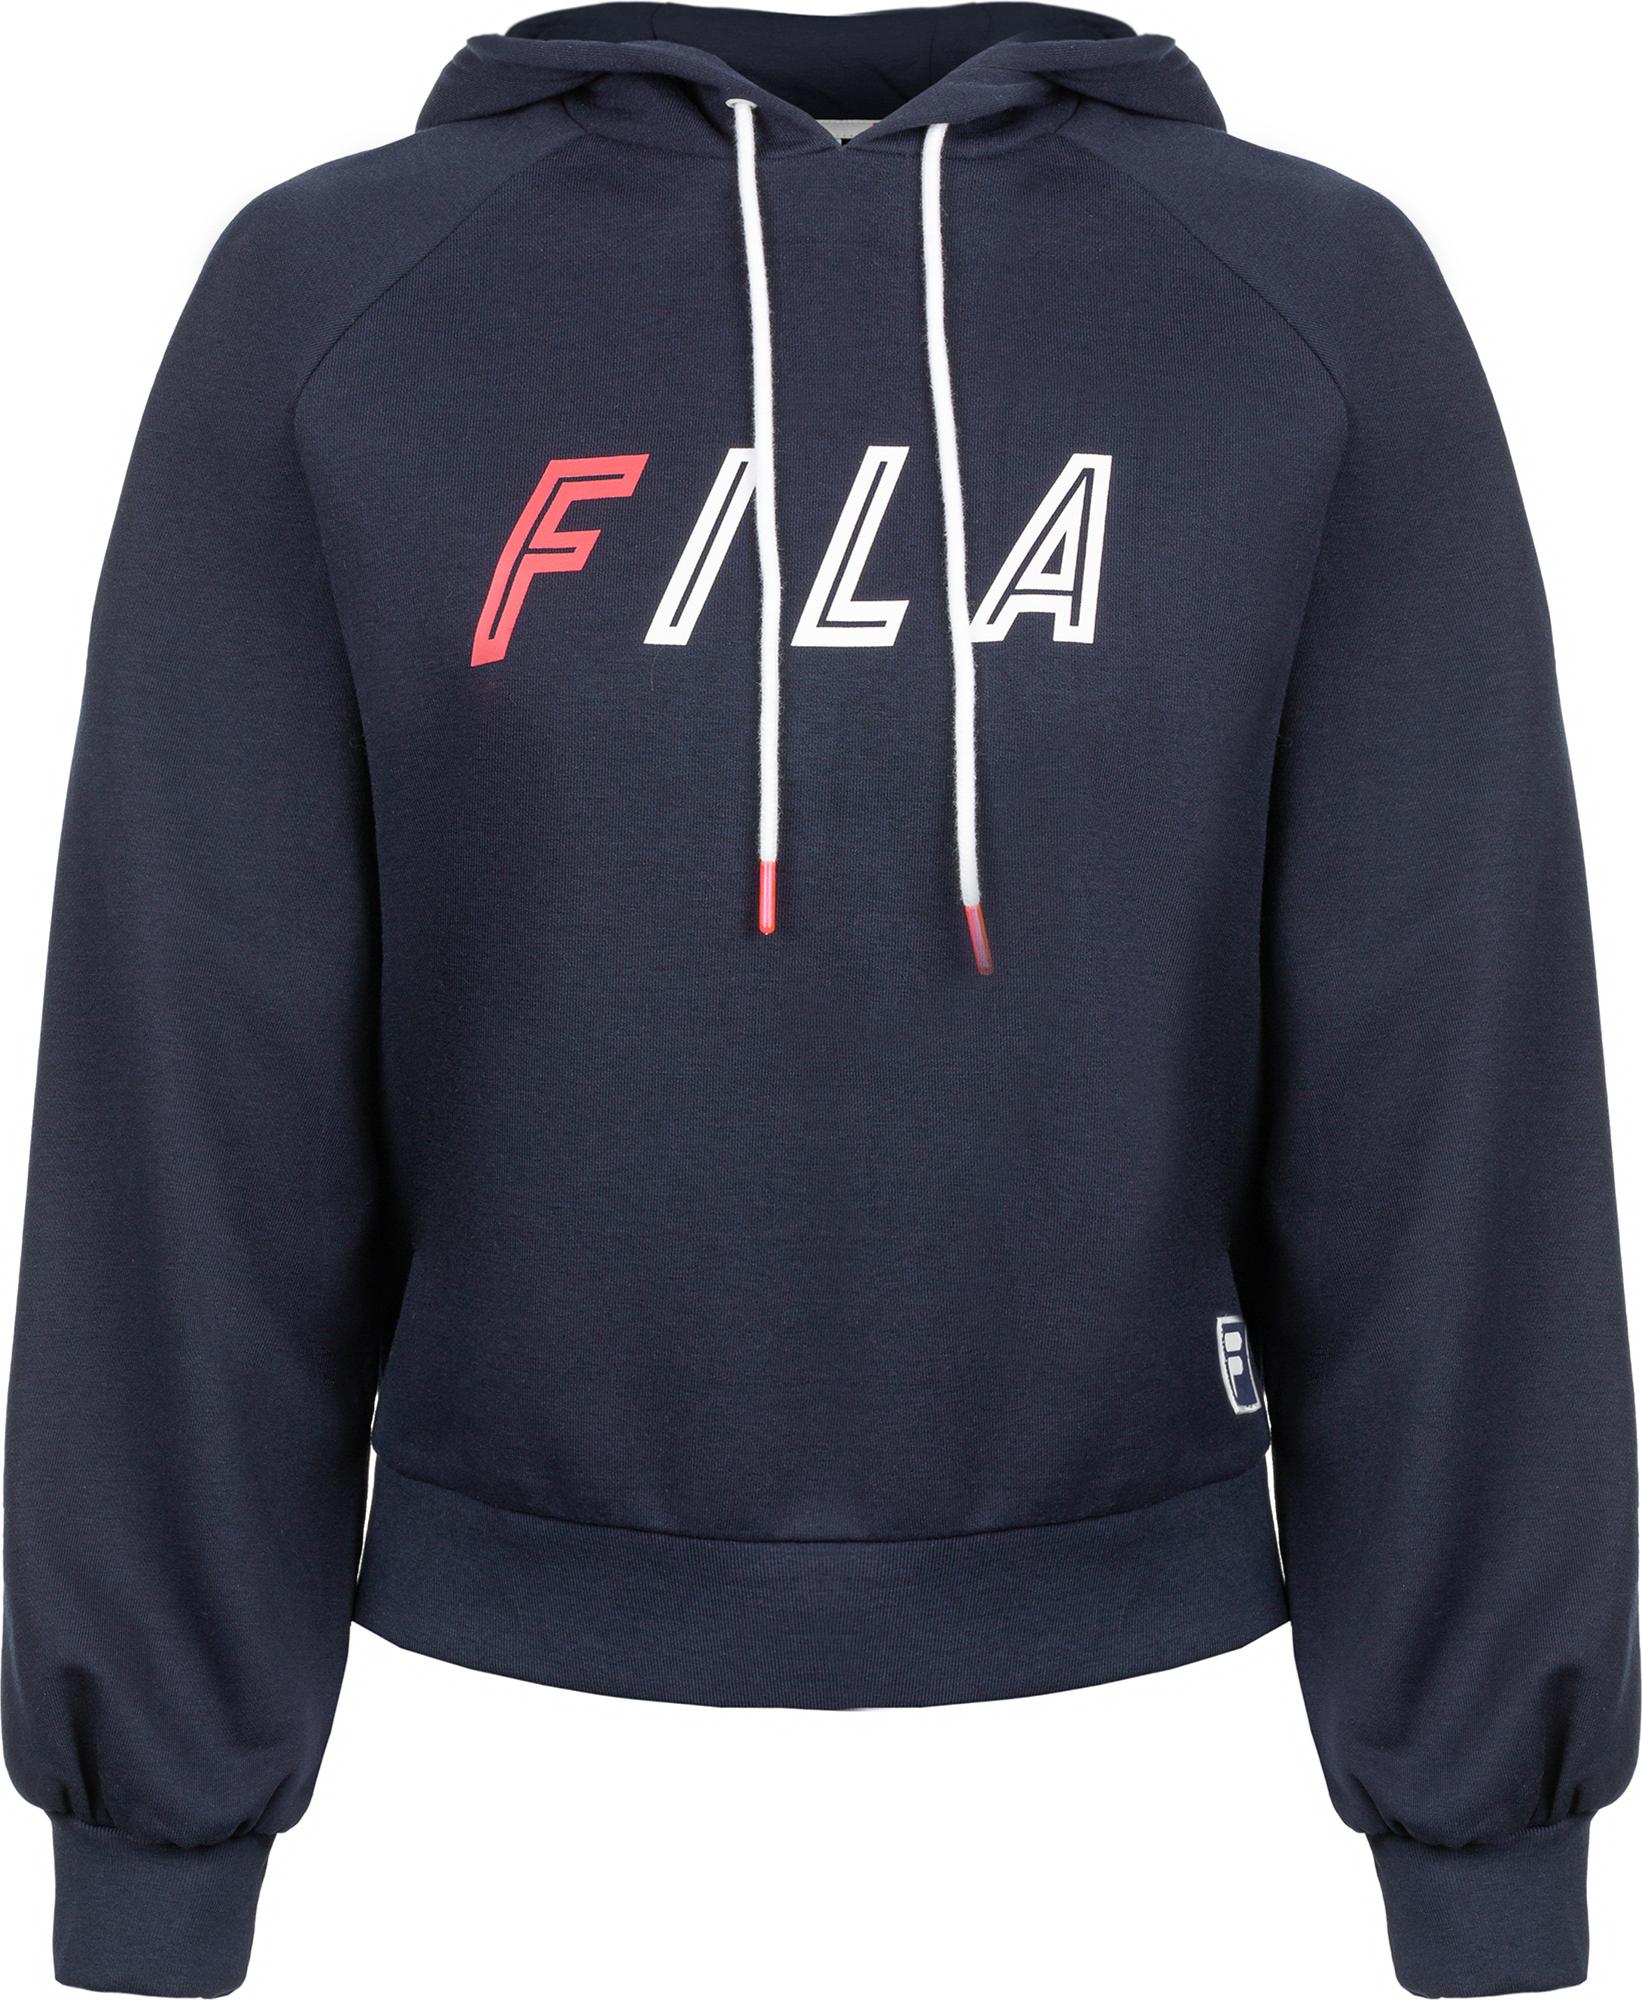 худи fila girl s jumper Fila Худи женская Fila, размер 42